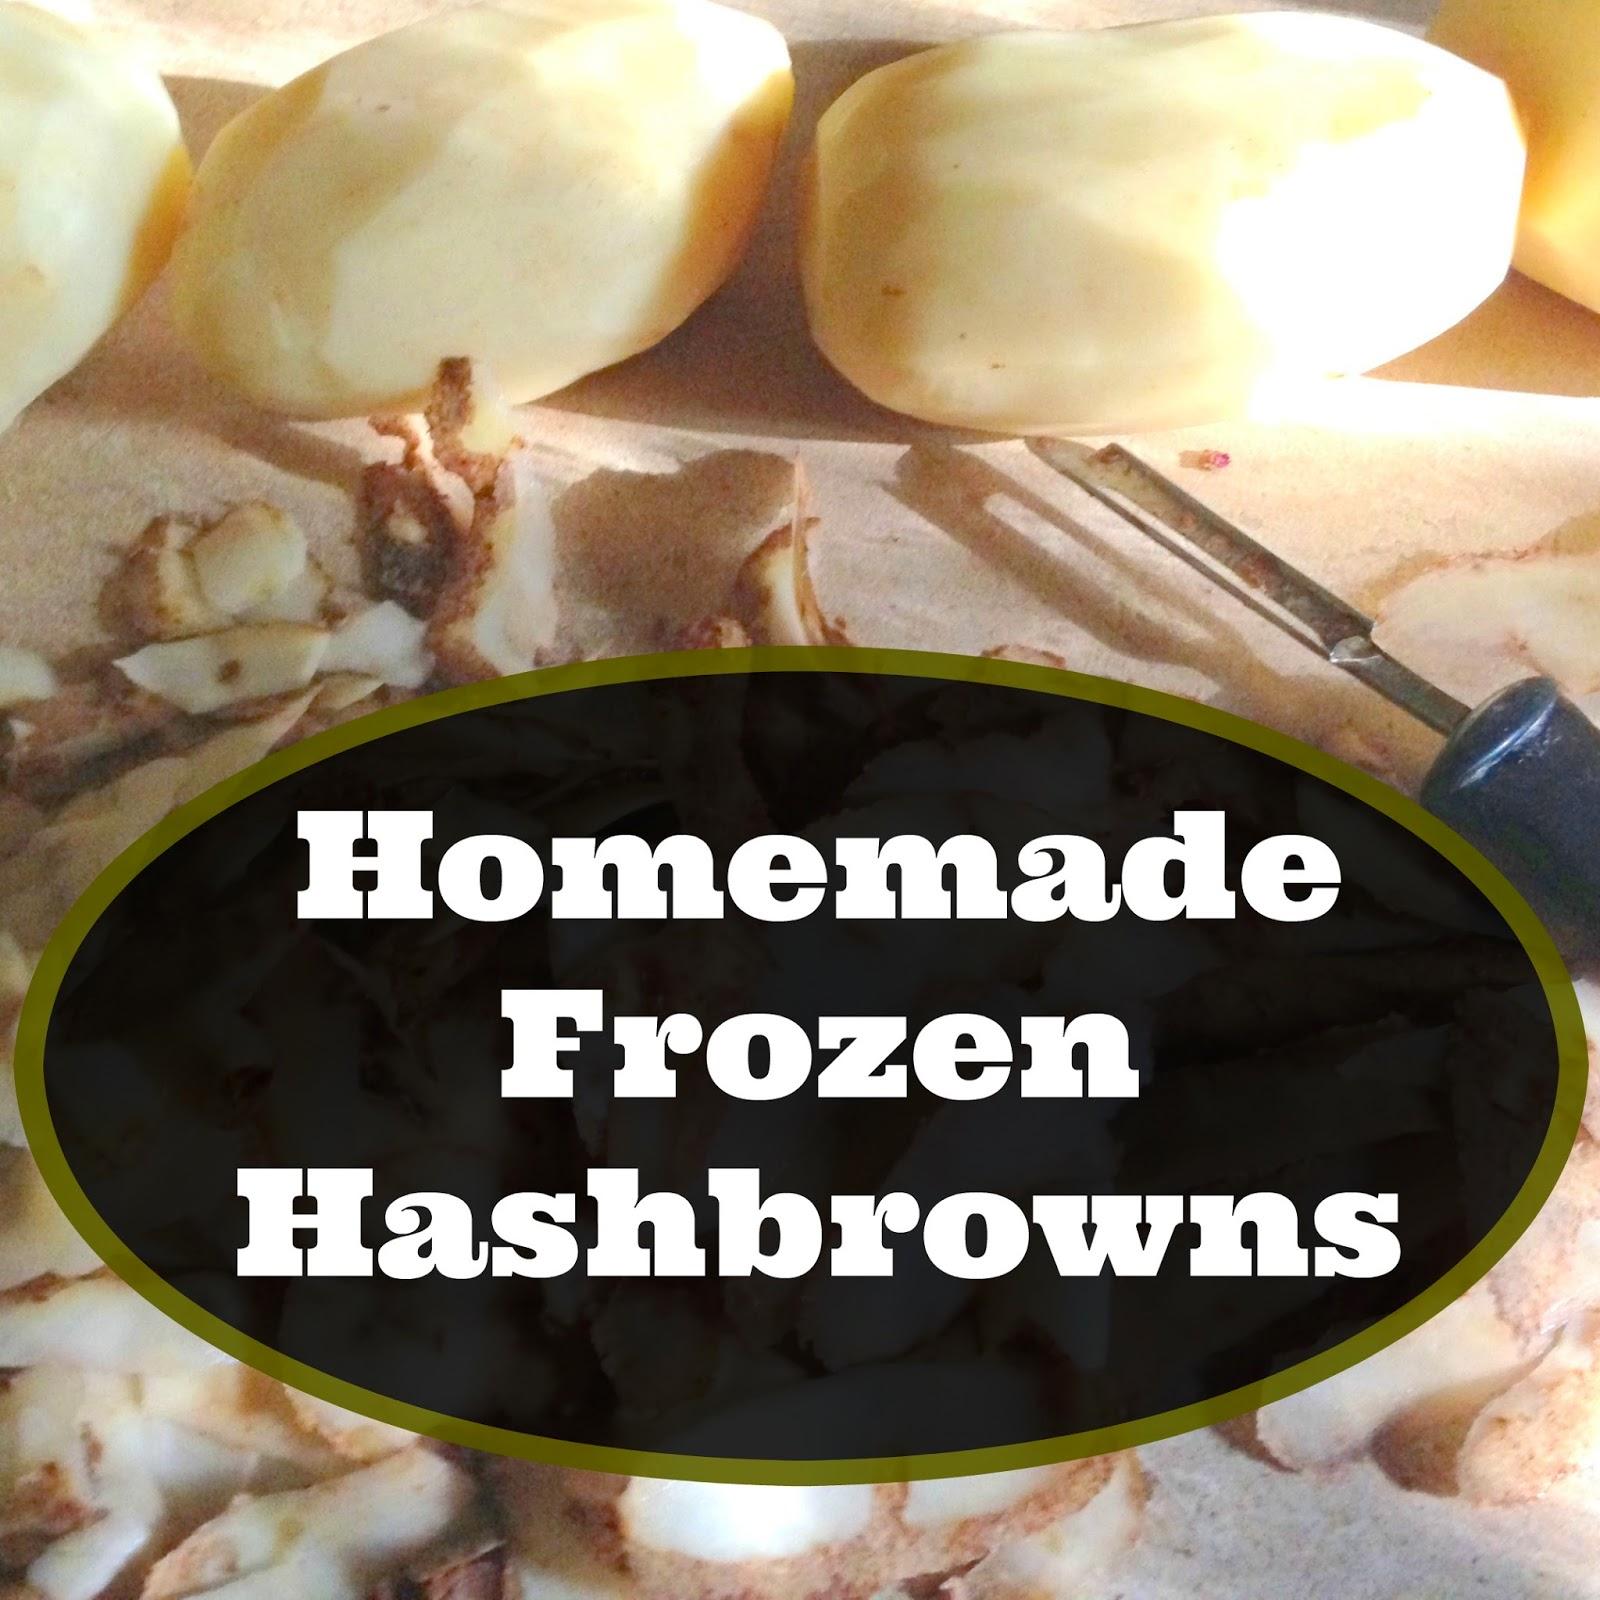 Homemade Frozen Hashbrowns